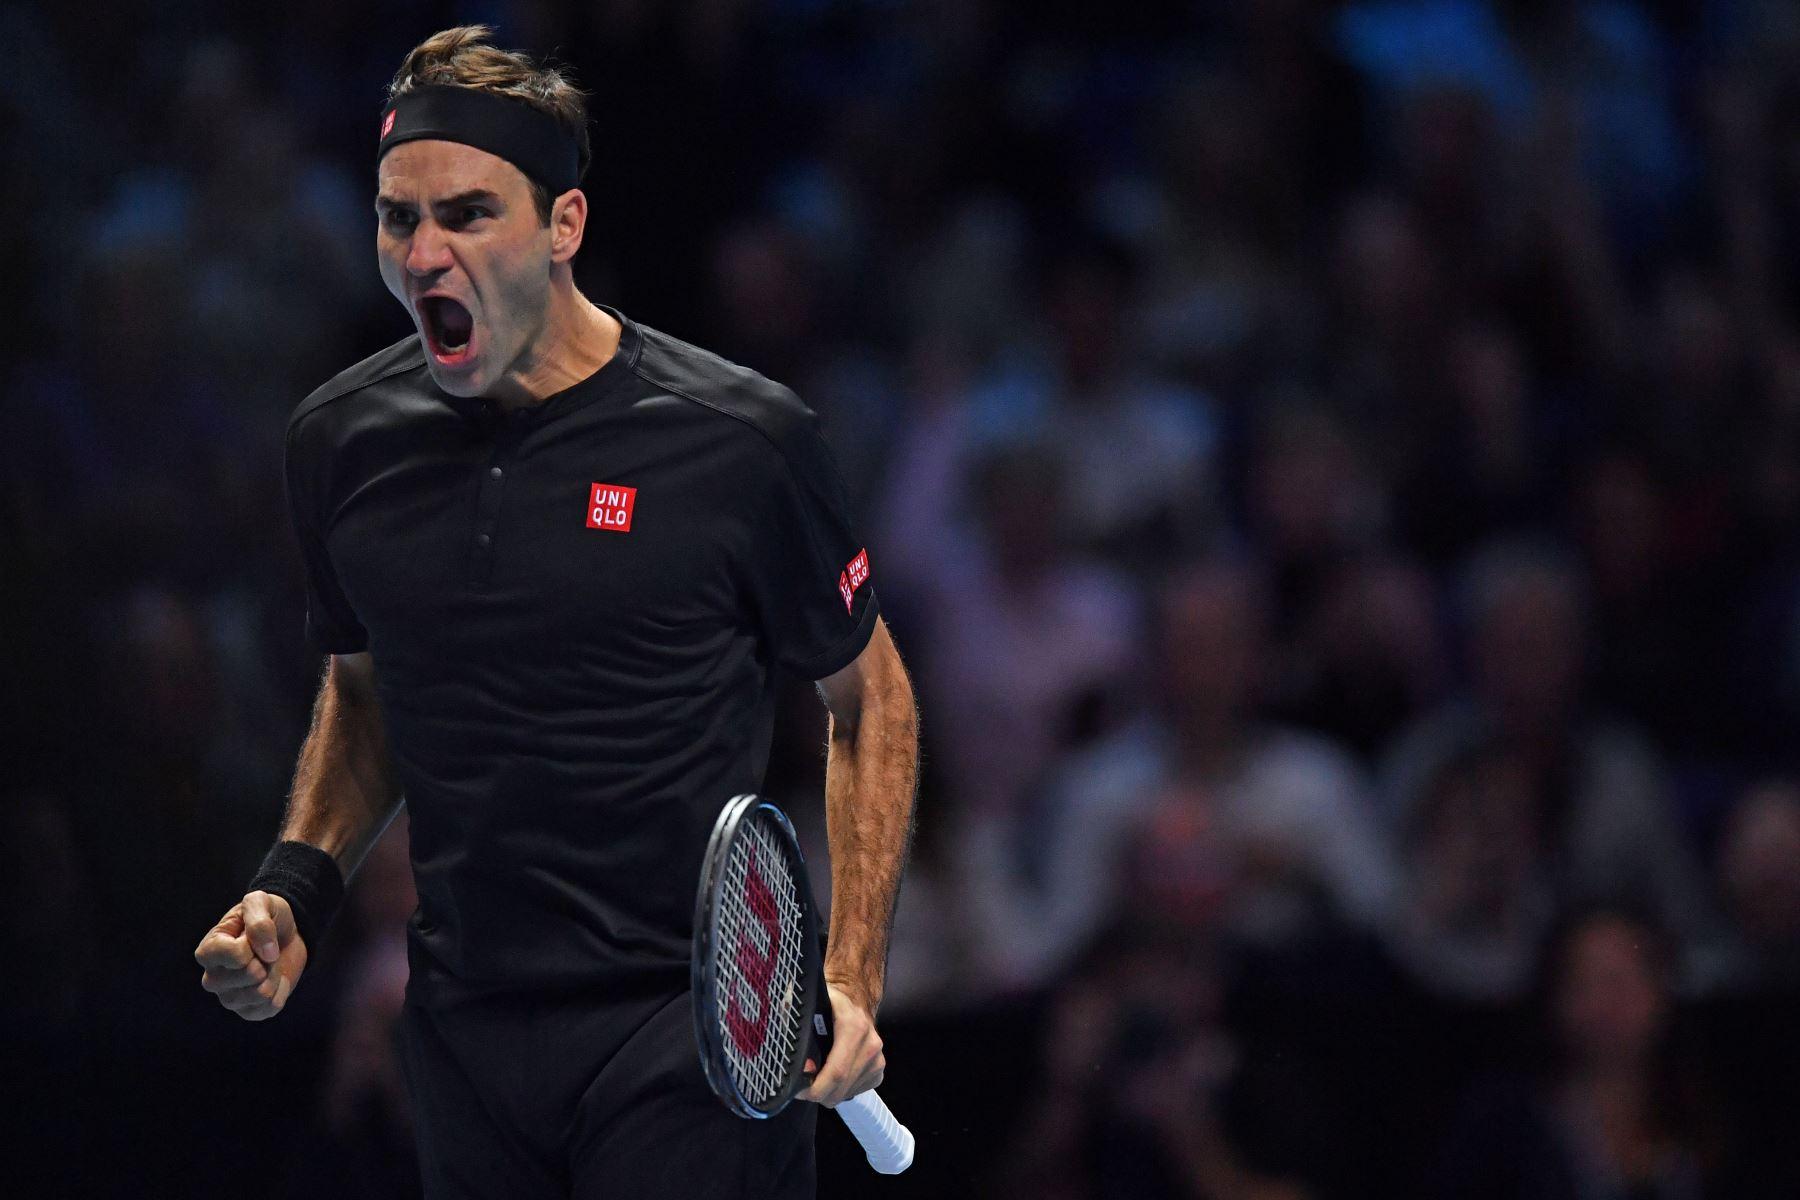 El suizo Roger Federer celebra su triunfo en sets corridos sobre el serbio Novak Djokovic de Serbia en su partido de ida y vuelta de singles masculinos en el quinto día del torneo de tenis ATP World Tour Finals en el O2 Arena en Londres. Foto: AFP